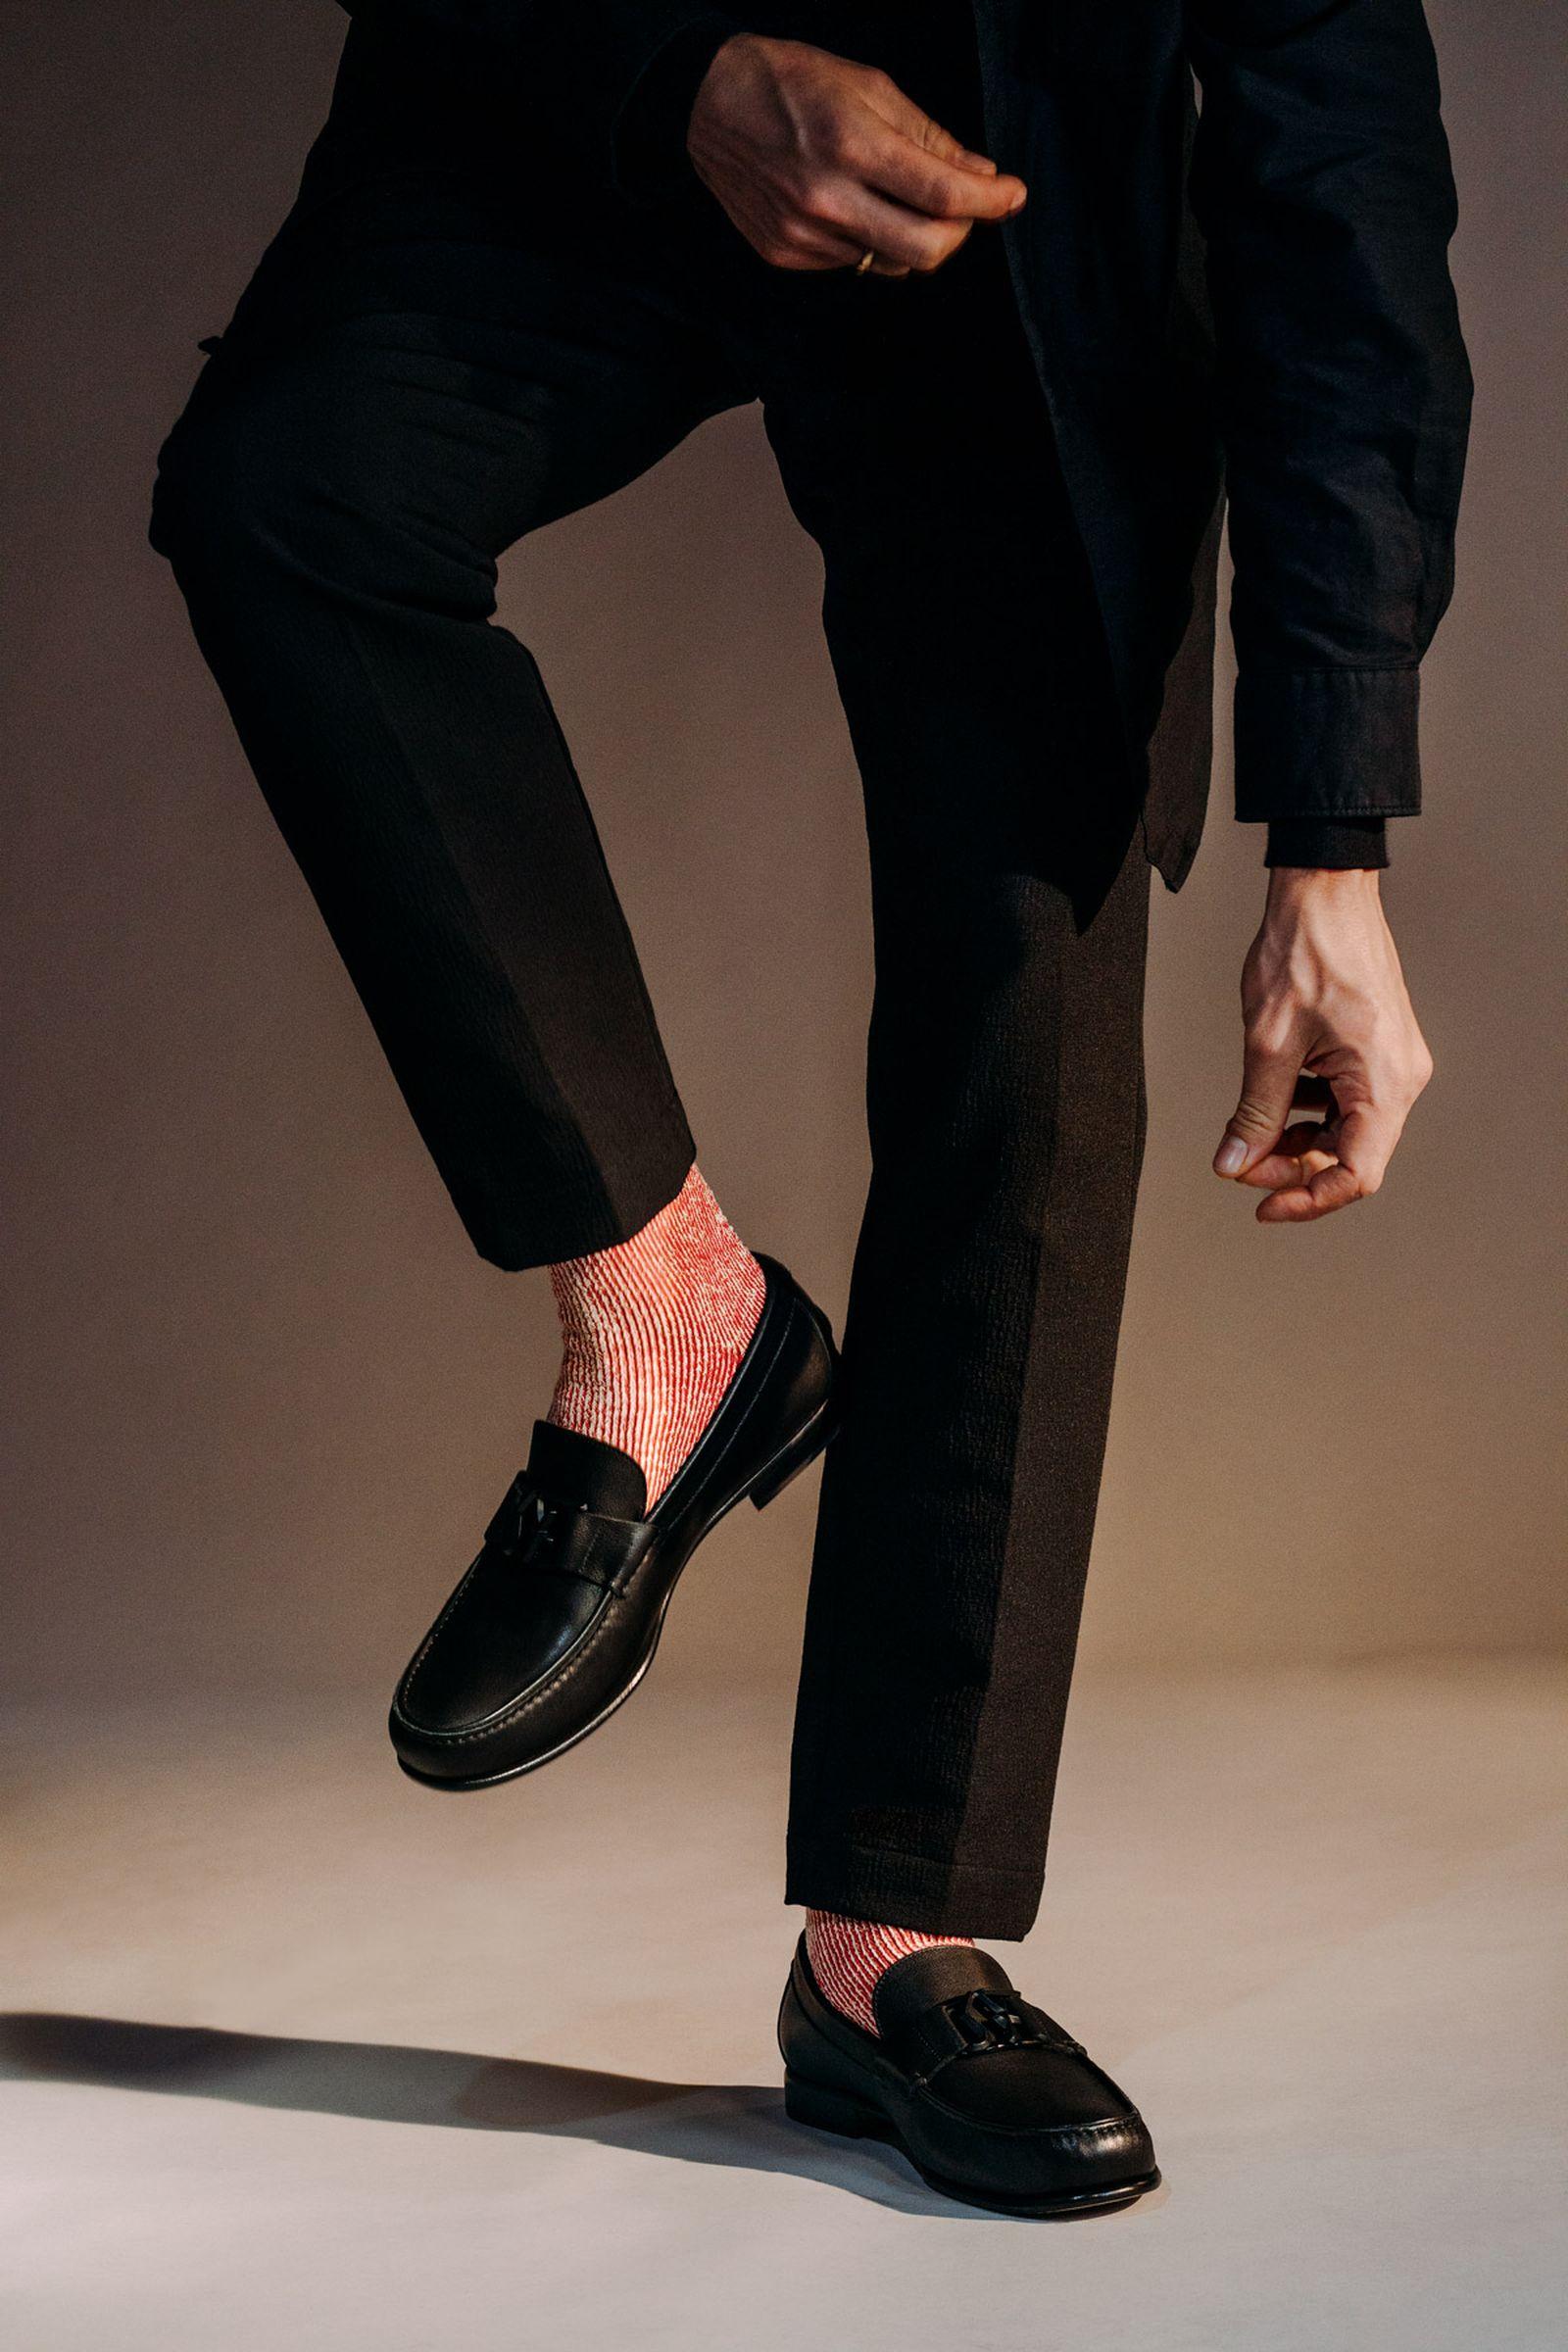 ferragamo-footwear-style-guide-03